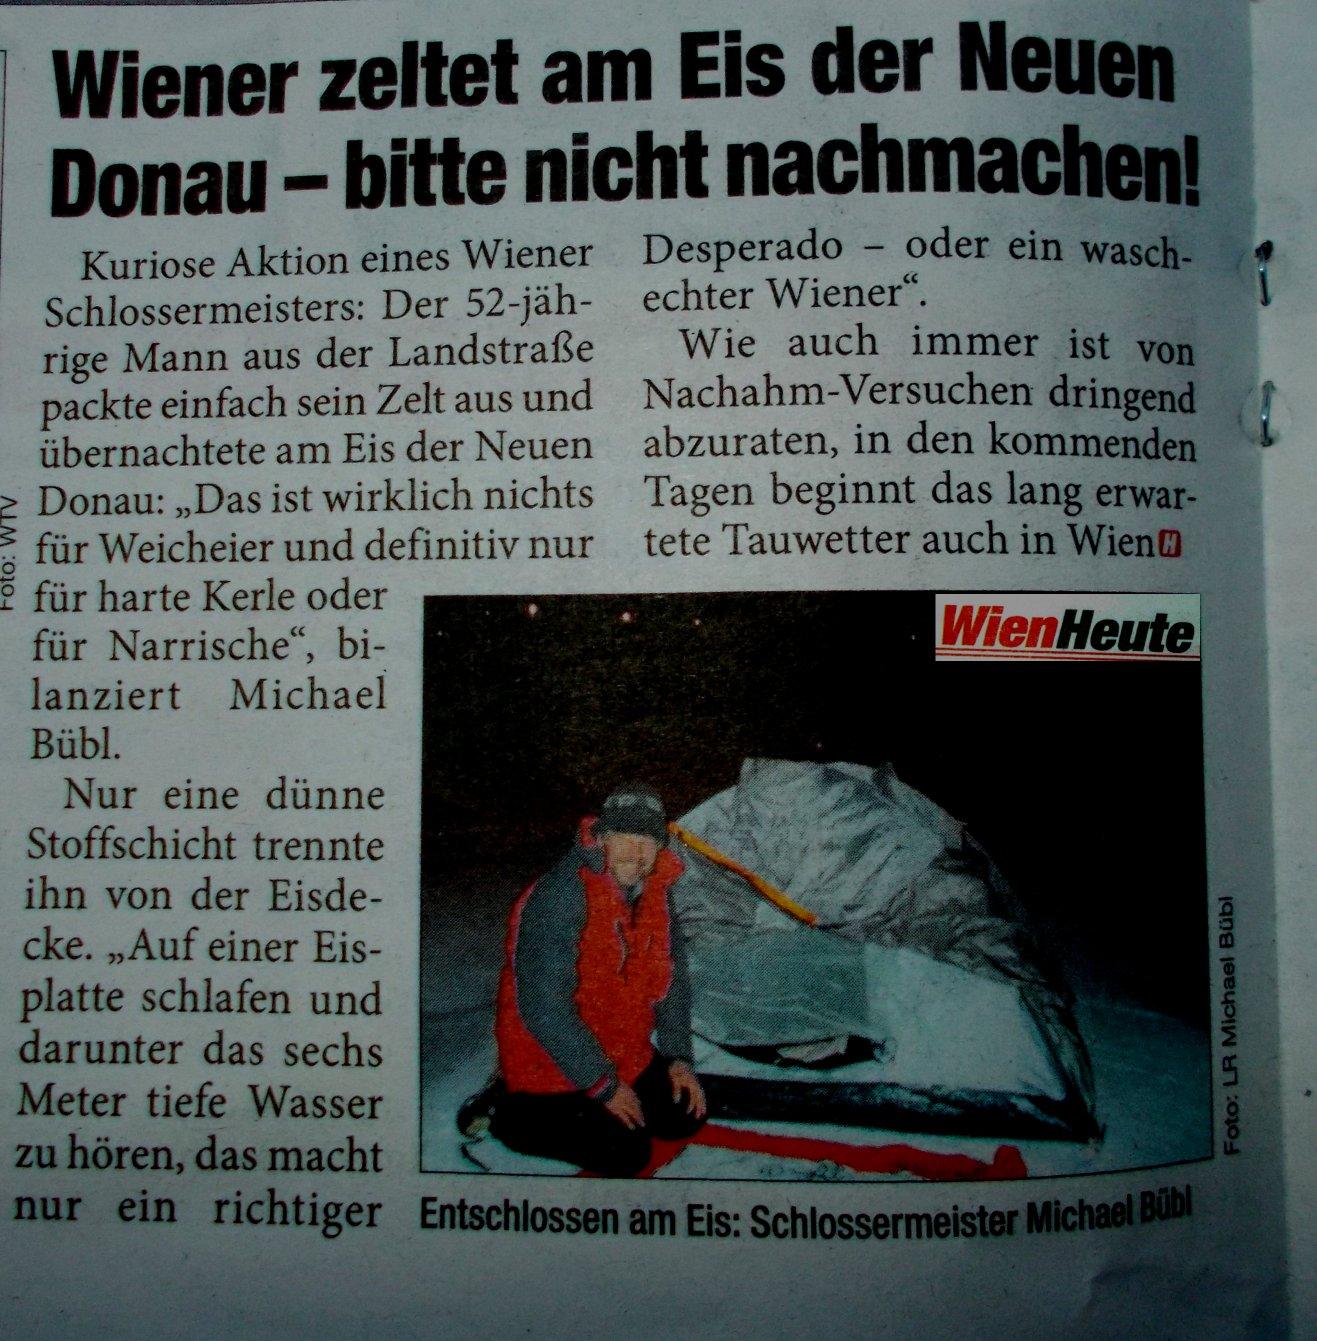 Wiener zeltet am Eis der Neuen Donau - Dieser Zeitungsbericht brachte grosses Echo!